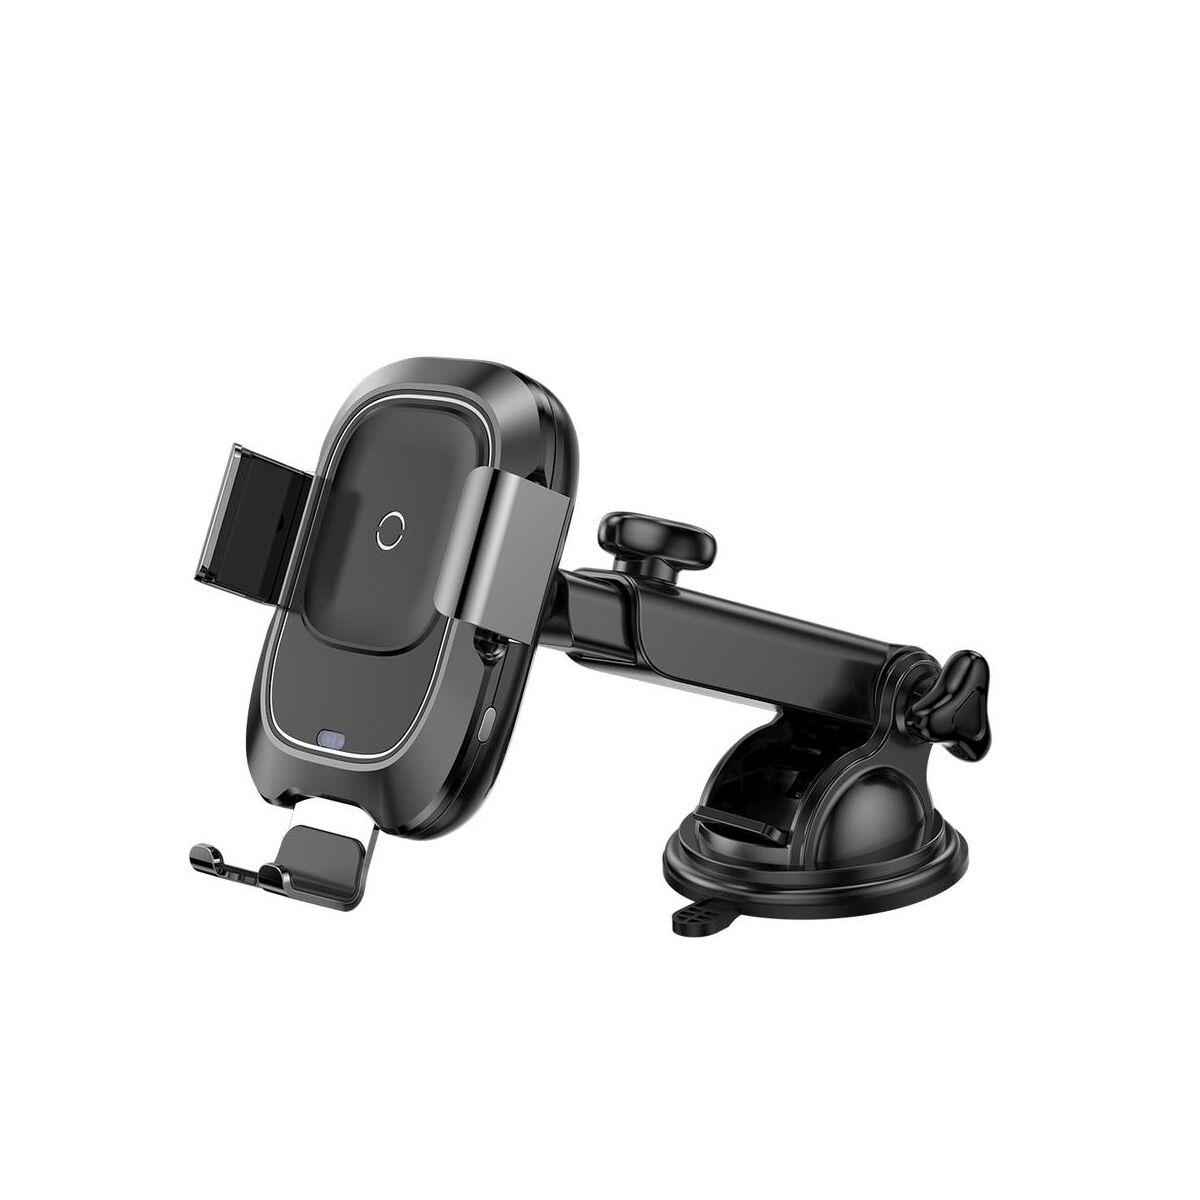 Baseus autós telefon tartó, vezeték nélküli töltő, automatikus nyitás-zárás, (műszerfalra), fekete (WXZN-B01)